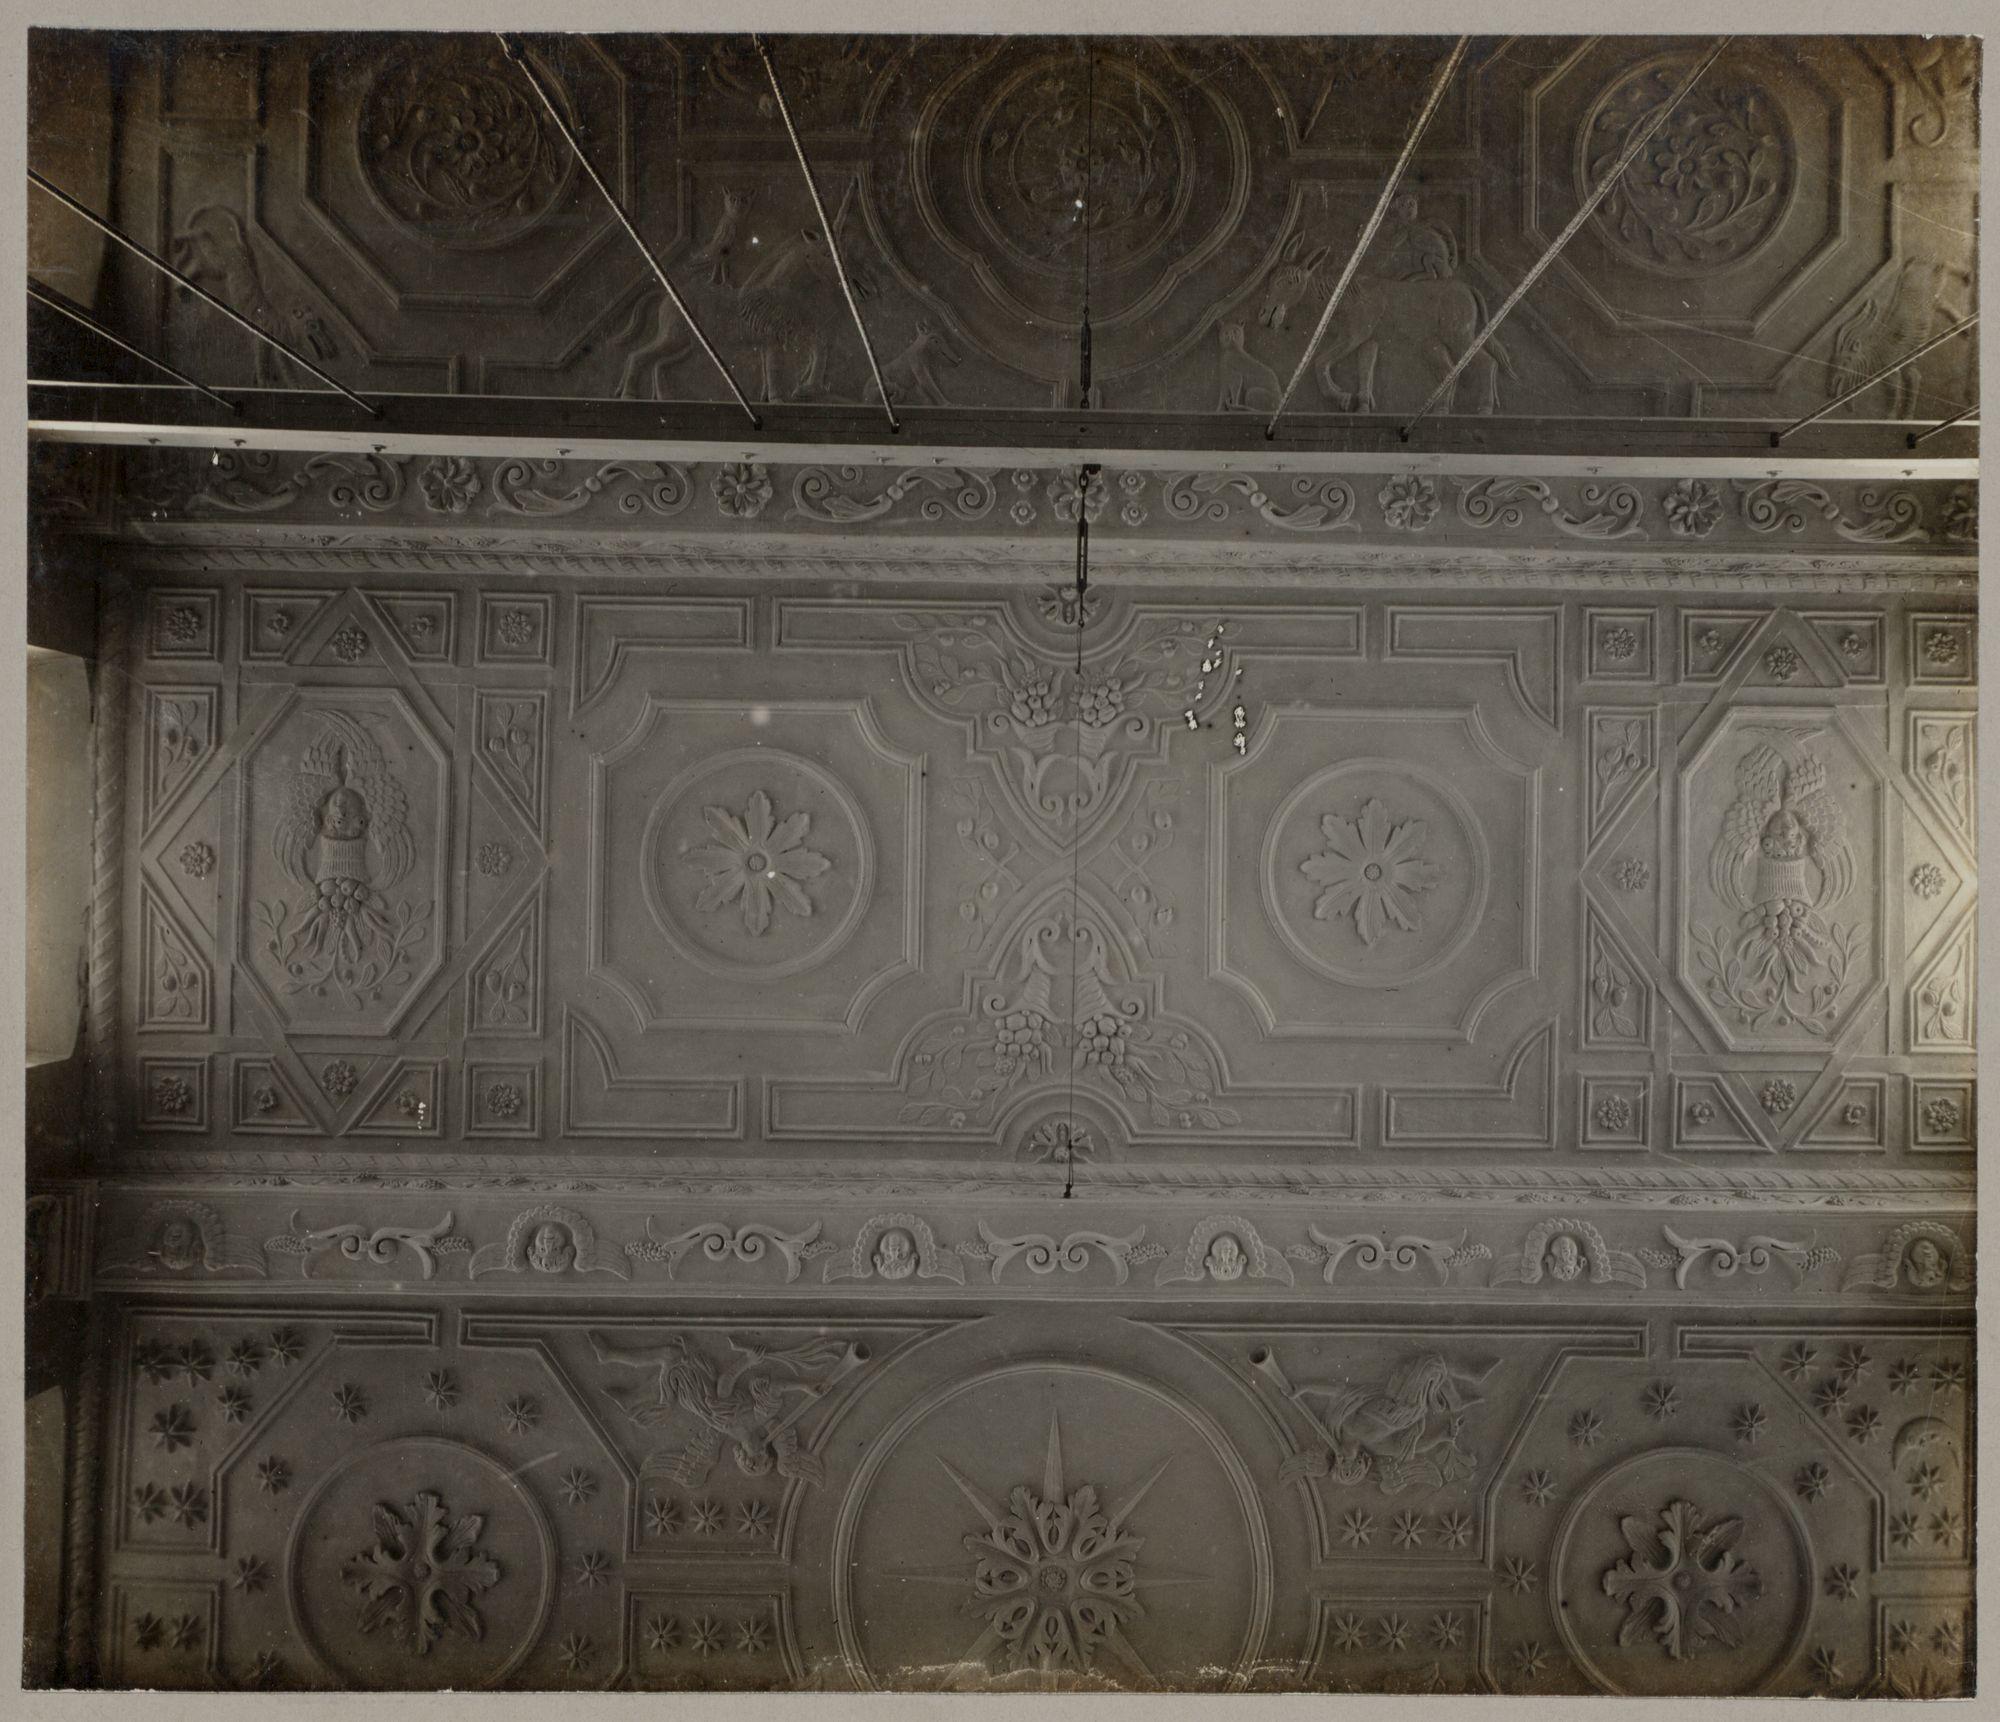 Gent: Voldersstraat: plafond oude bibliotheek, Klooster der Jezuieten, 1918